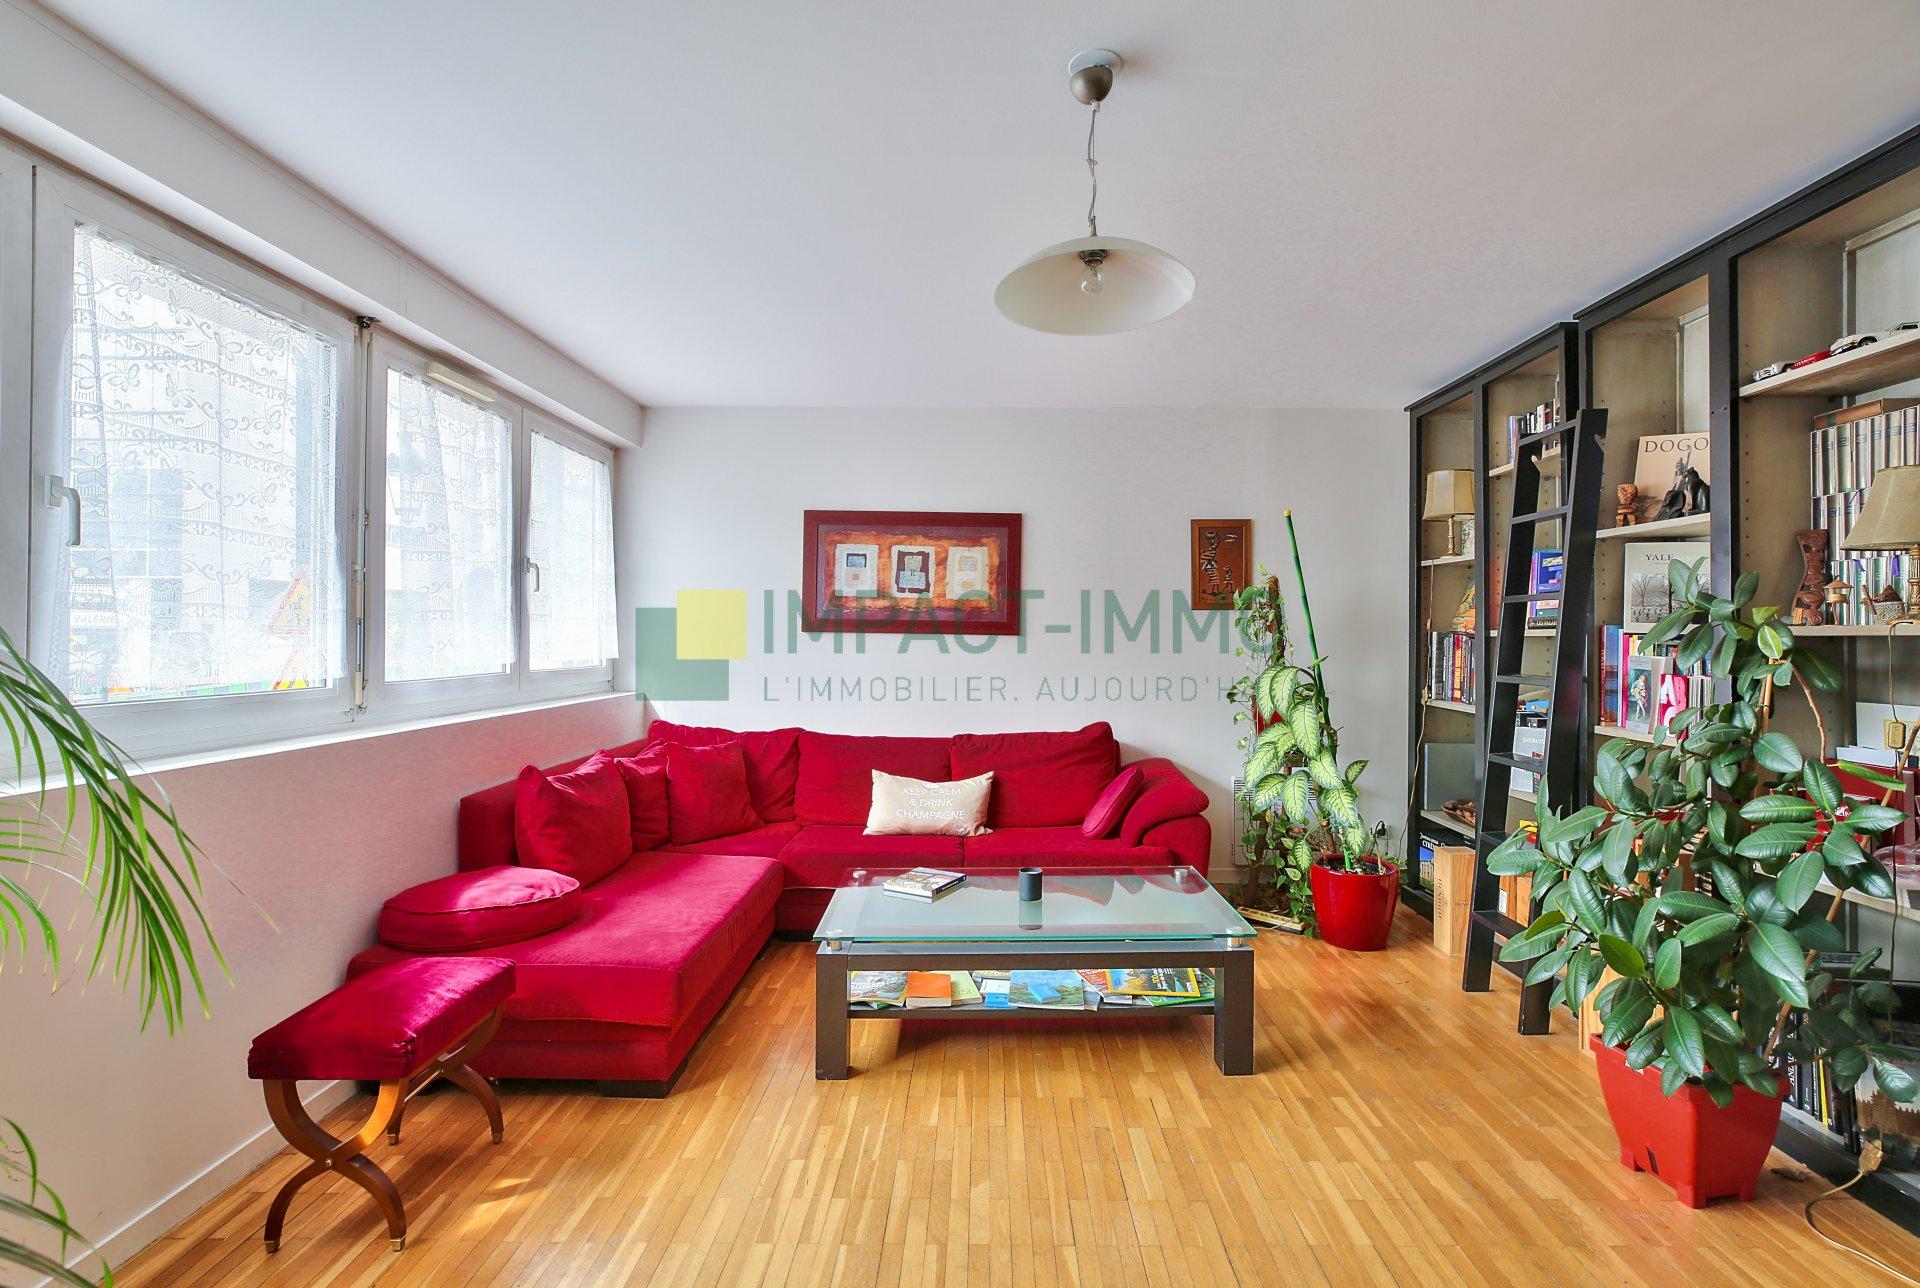 Nouveauté IMPACT IMMO : 3 pièces, 2 chambres, parking + cave